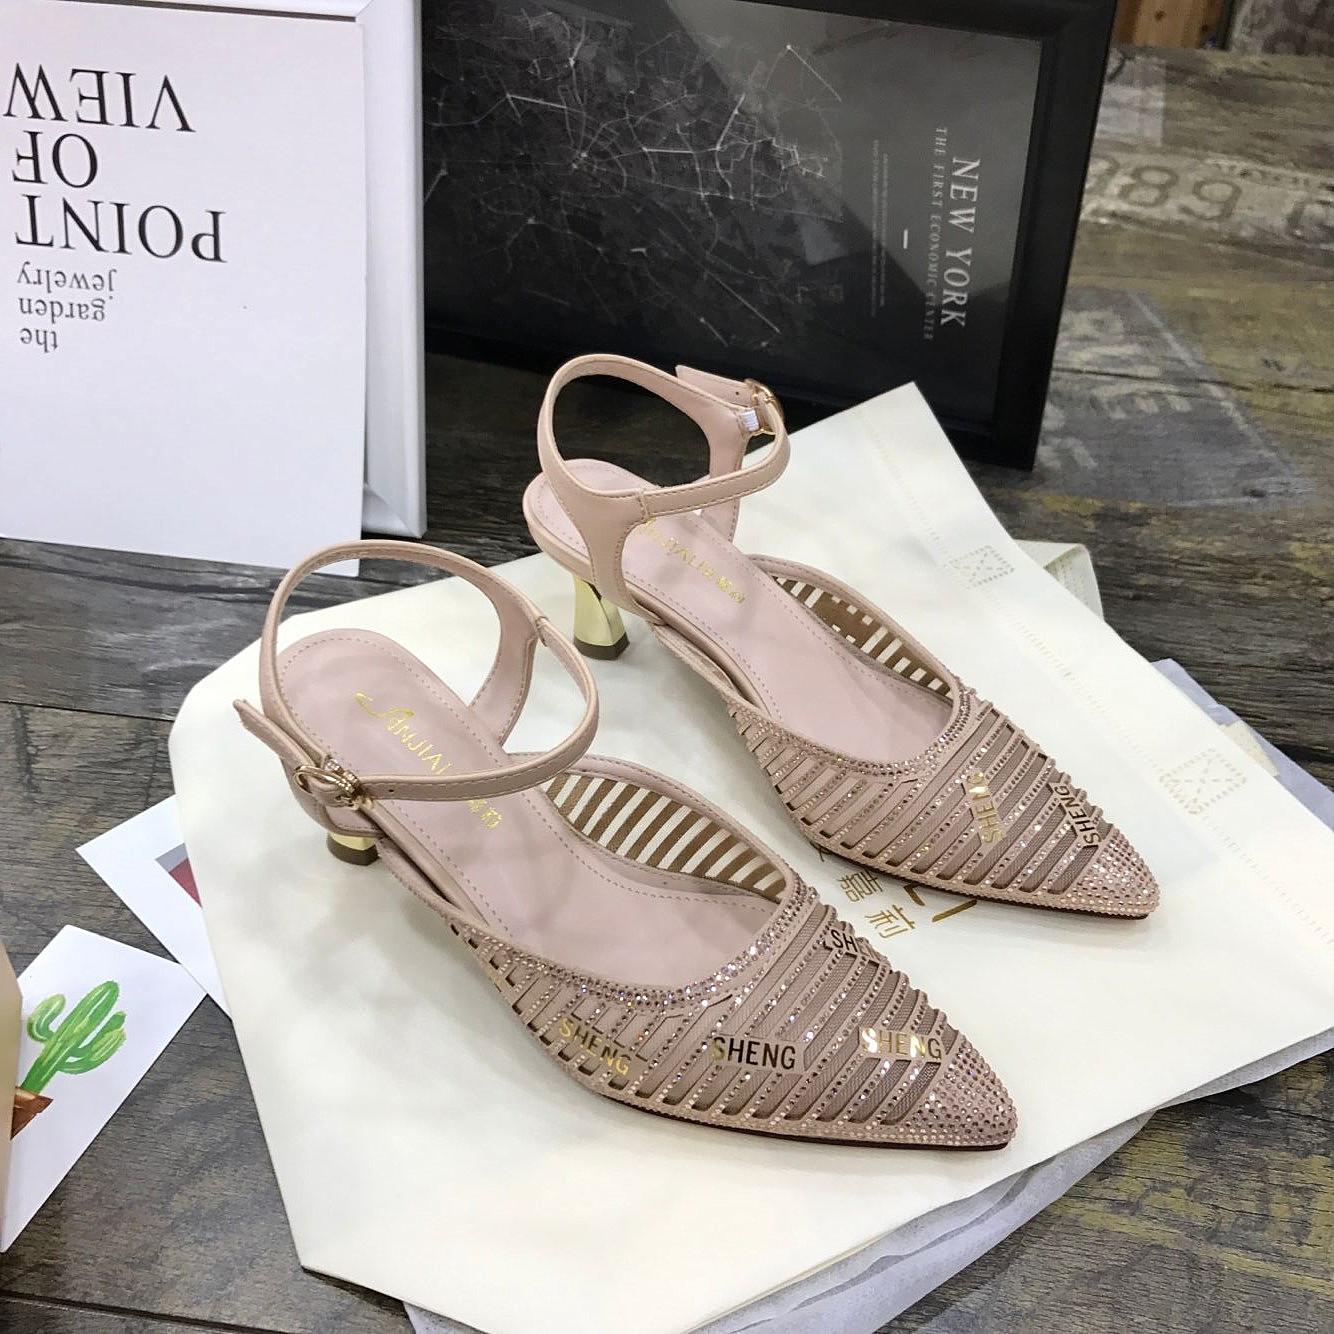 安嘉莉女鞋2019夏季新款网紗镂空高跟